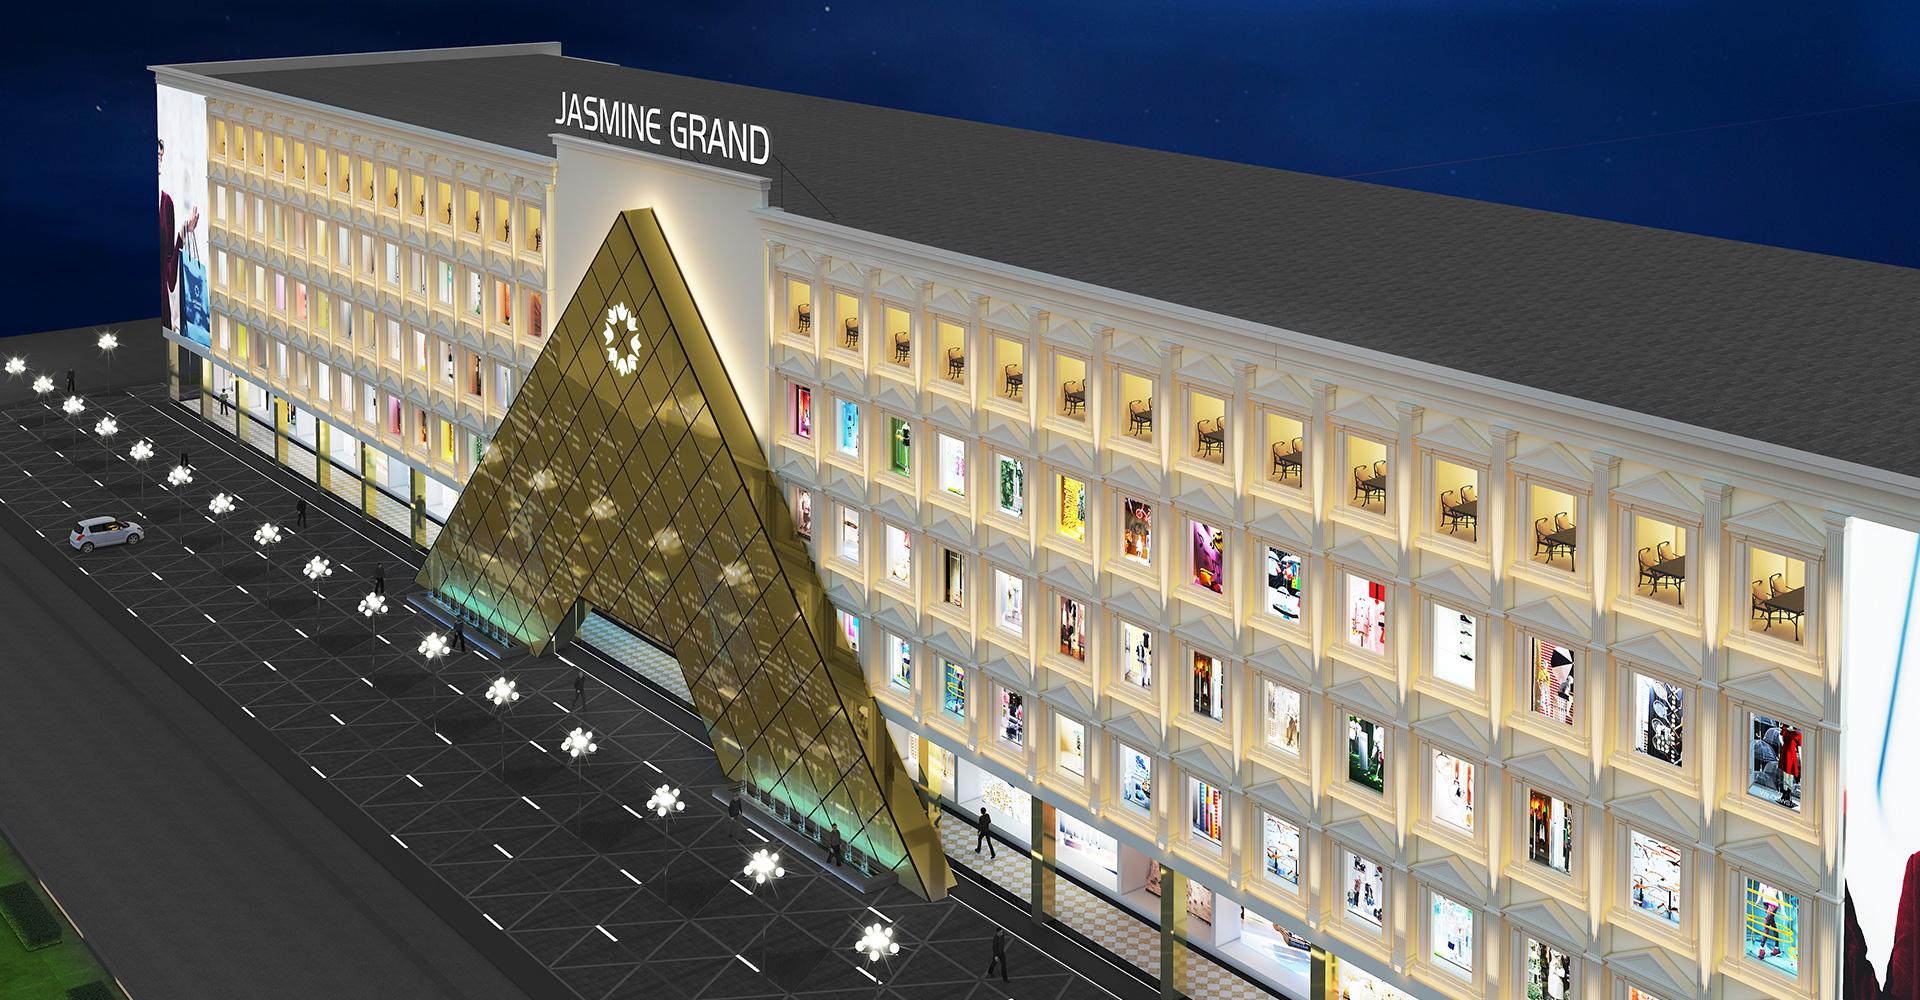 Building-Design-Hiline-Lahore-portfolio-Jasmine-Grand-04